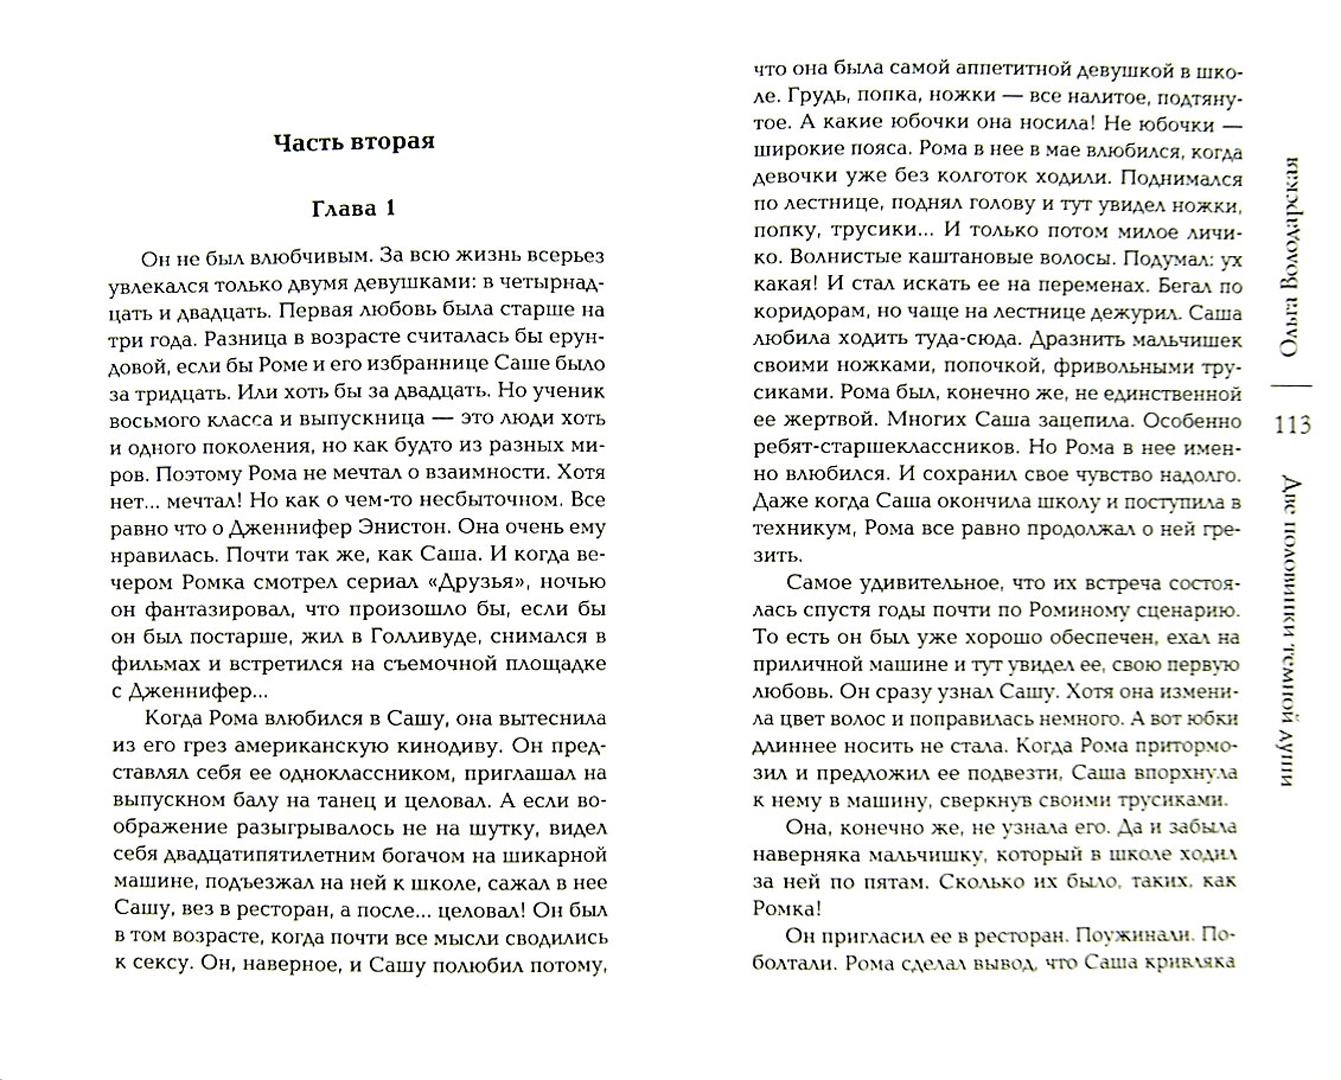 Иллюстрация 1 из 15 для Две половинки темной души - Ольга Володарская | Лабиринт - книги. Источник: Лабиринт